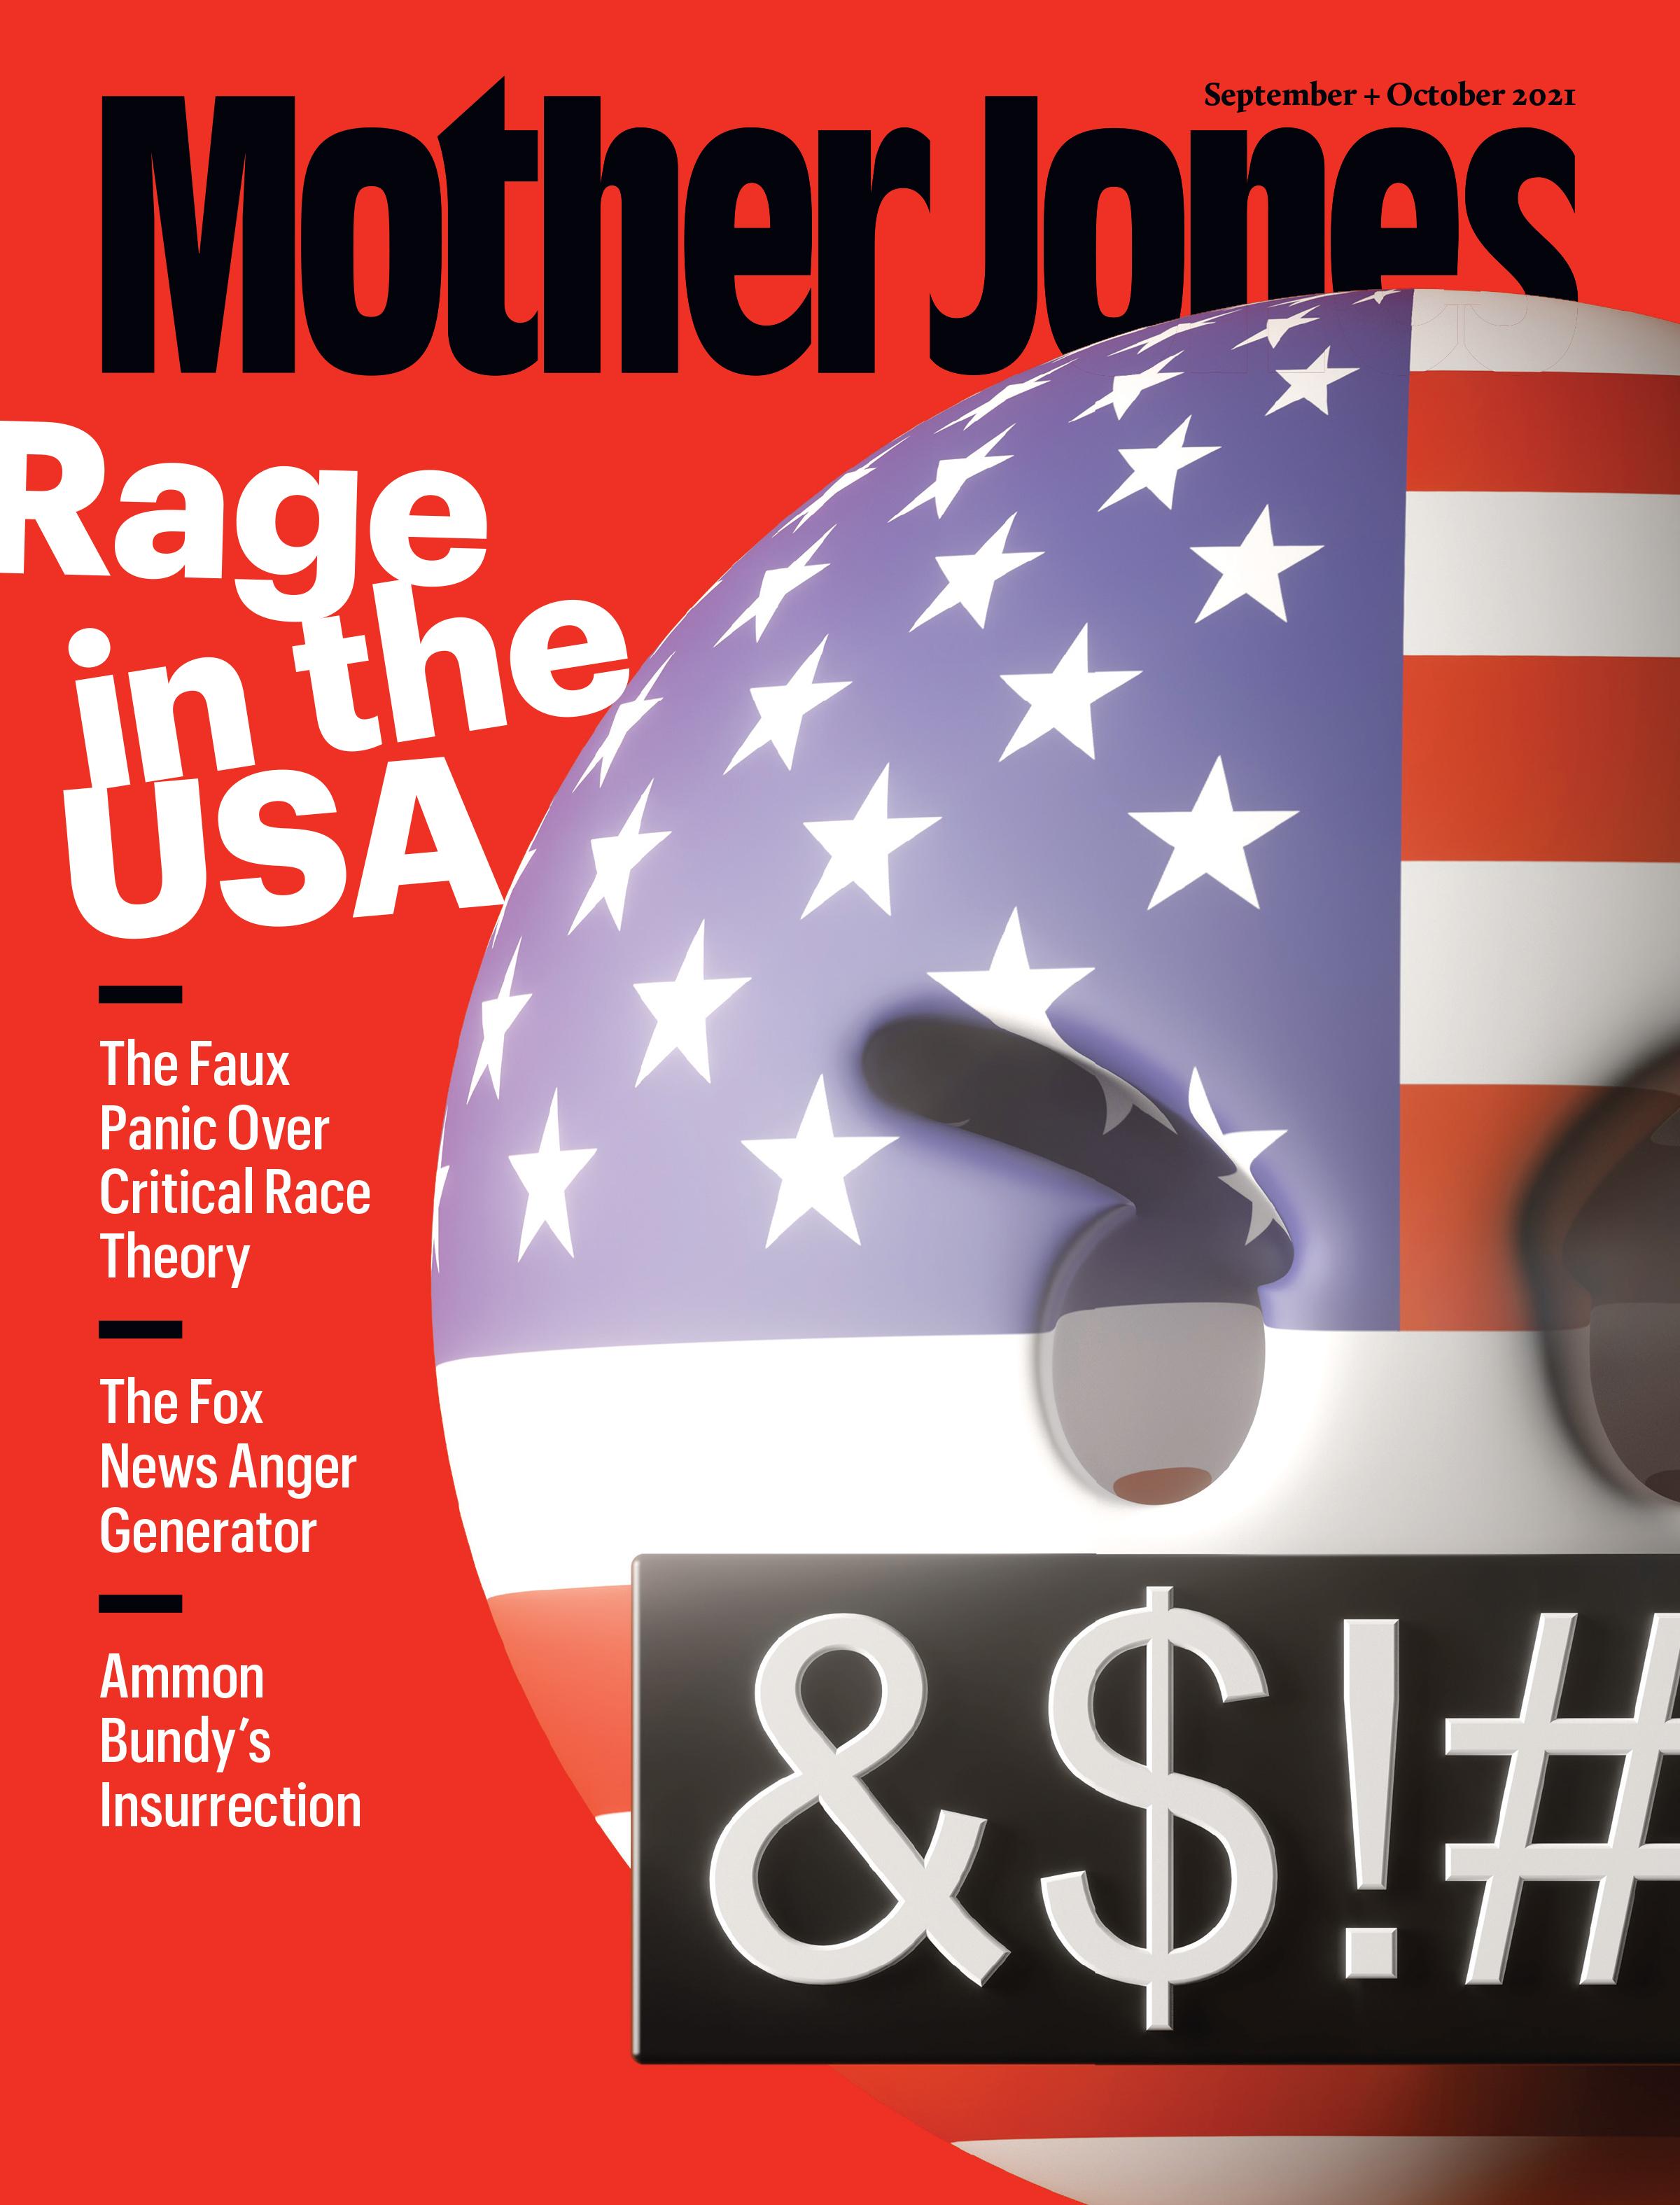 Mother Jones Magazine Cover : September + October 2021